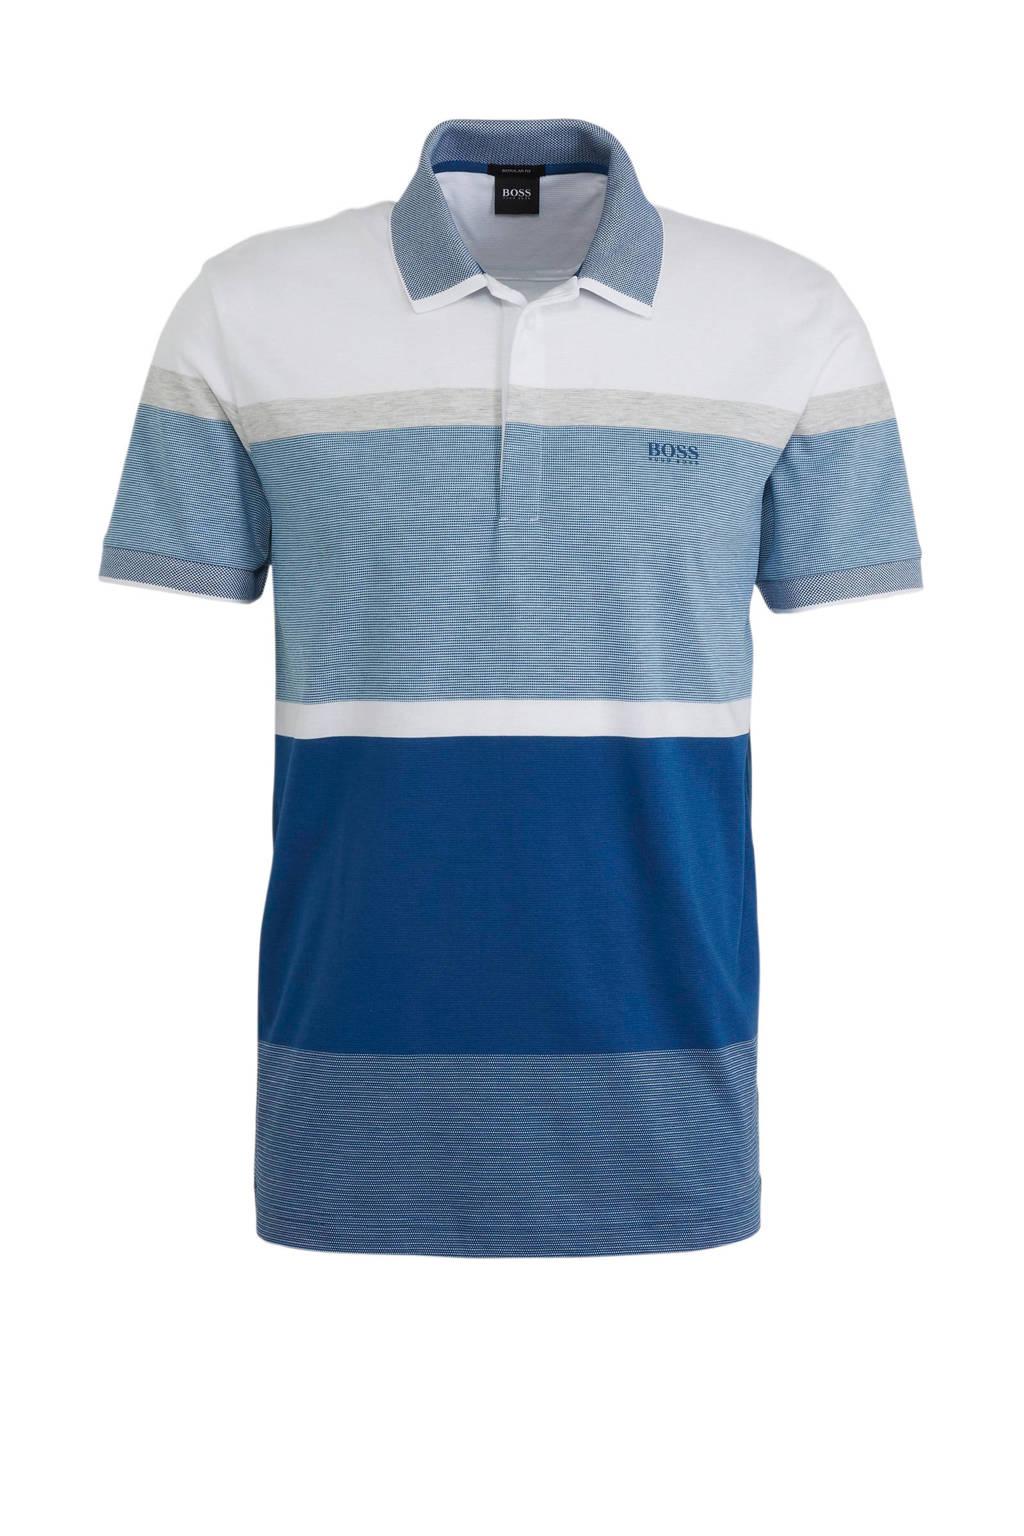 BOSS regular fit polo met logo meerkleurig, Meerkleurig